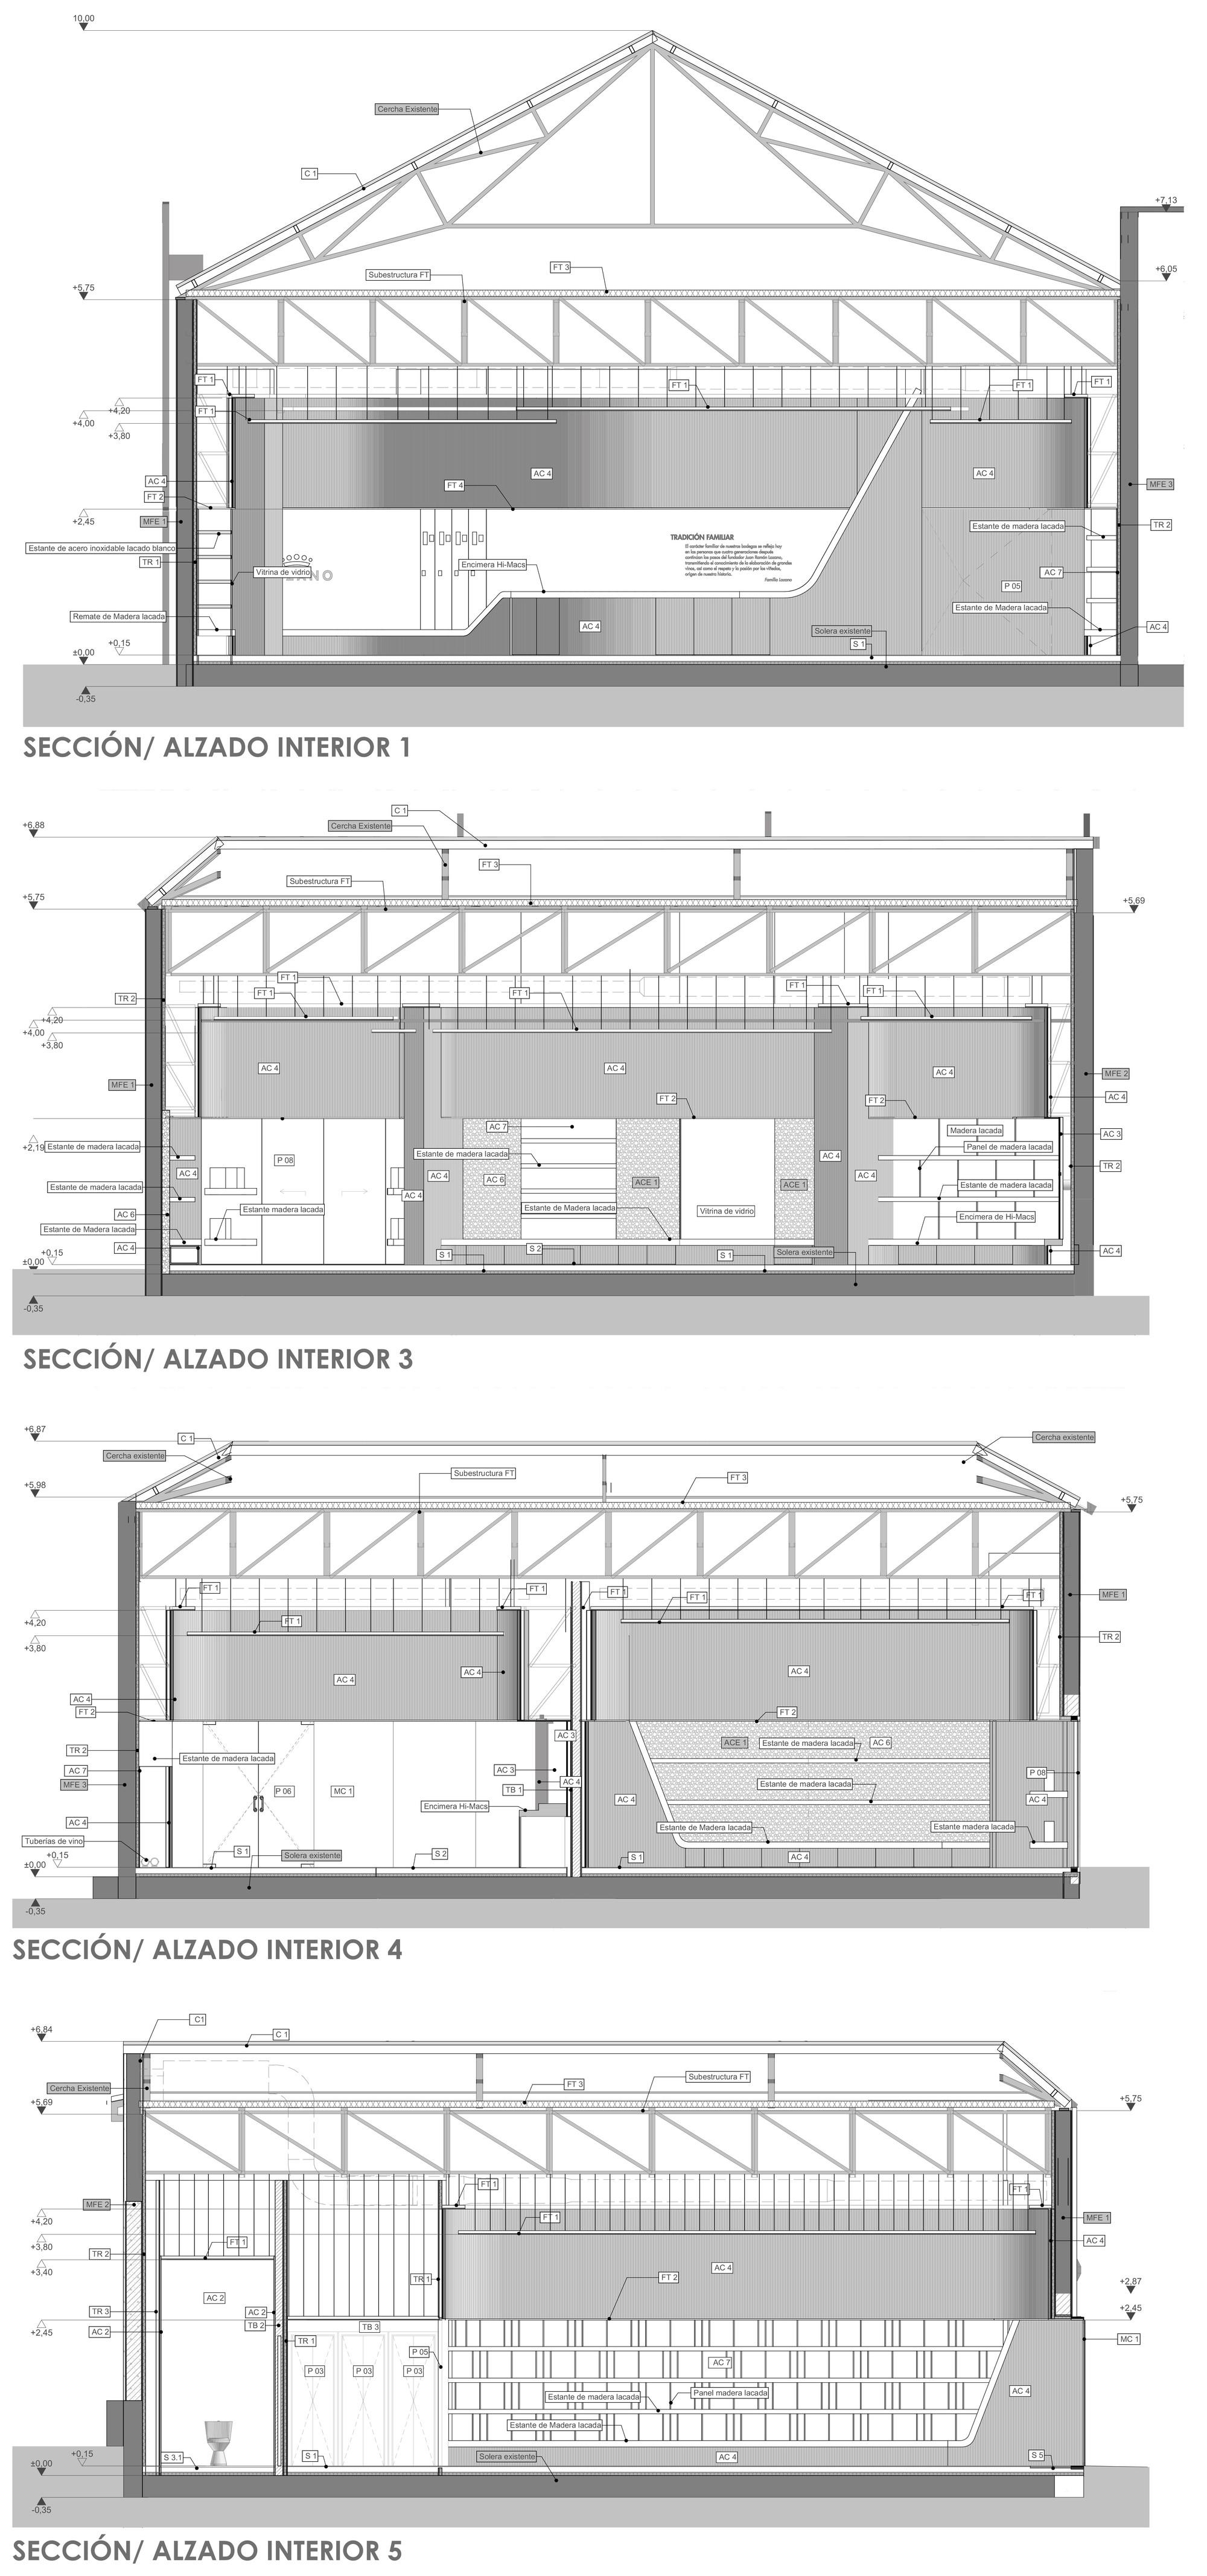 f7 _Interior_elevation_shop.jpg